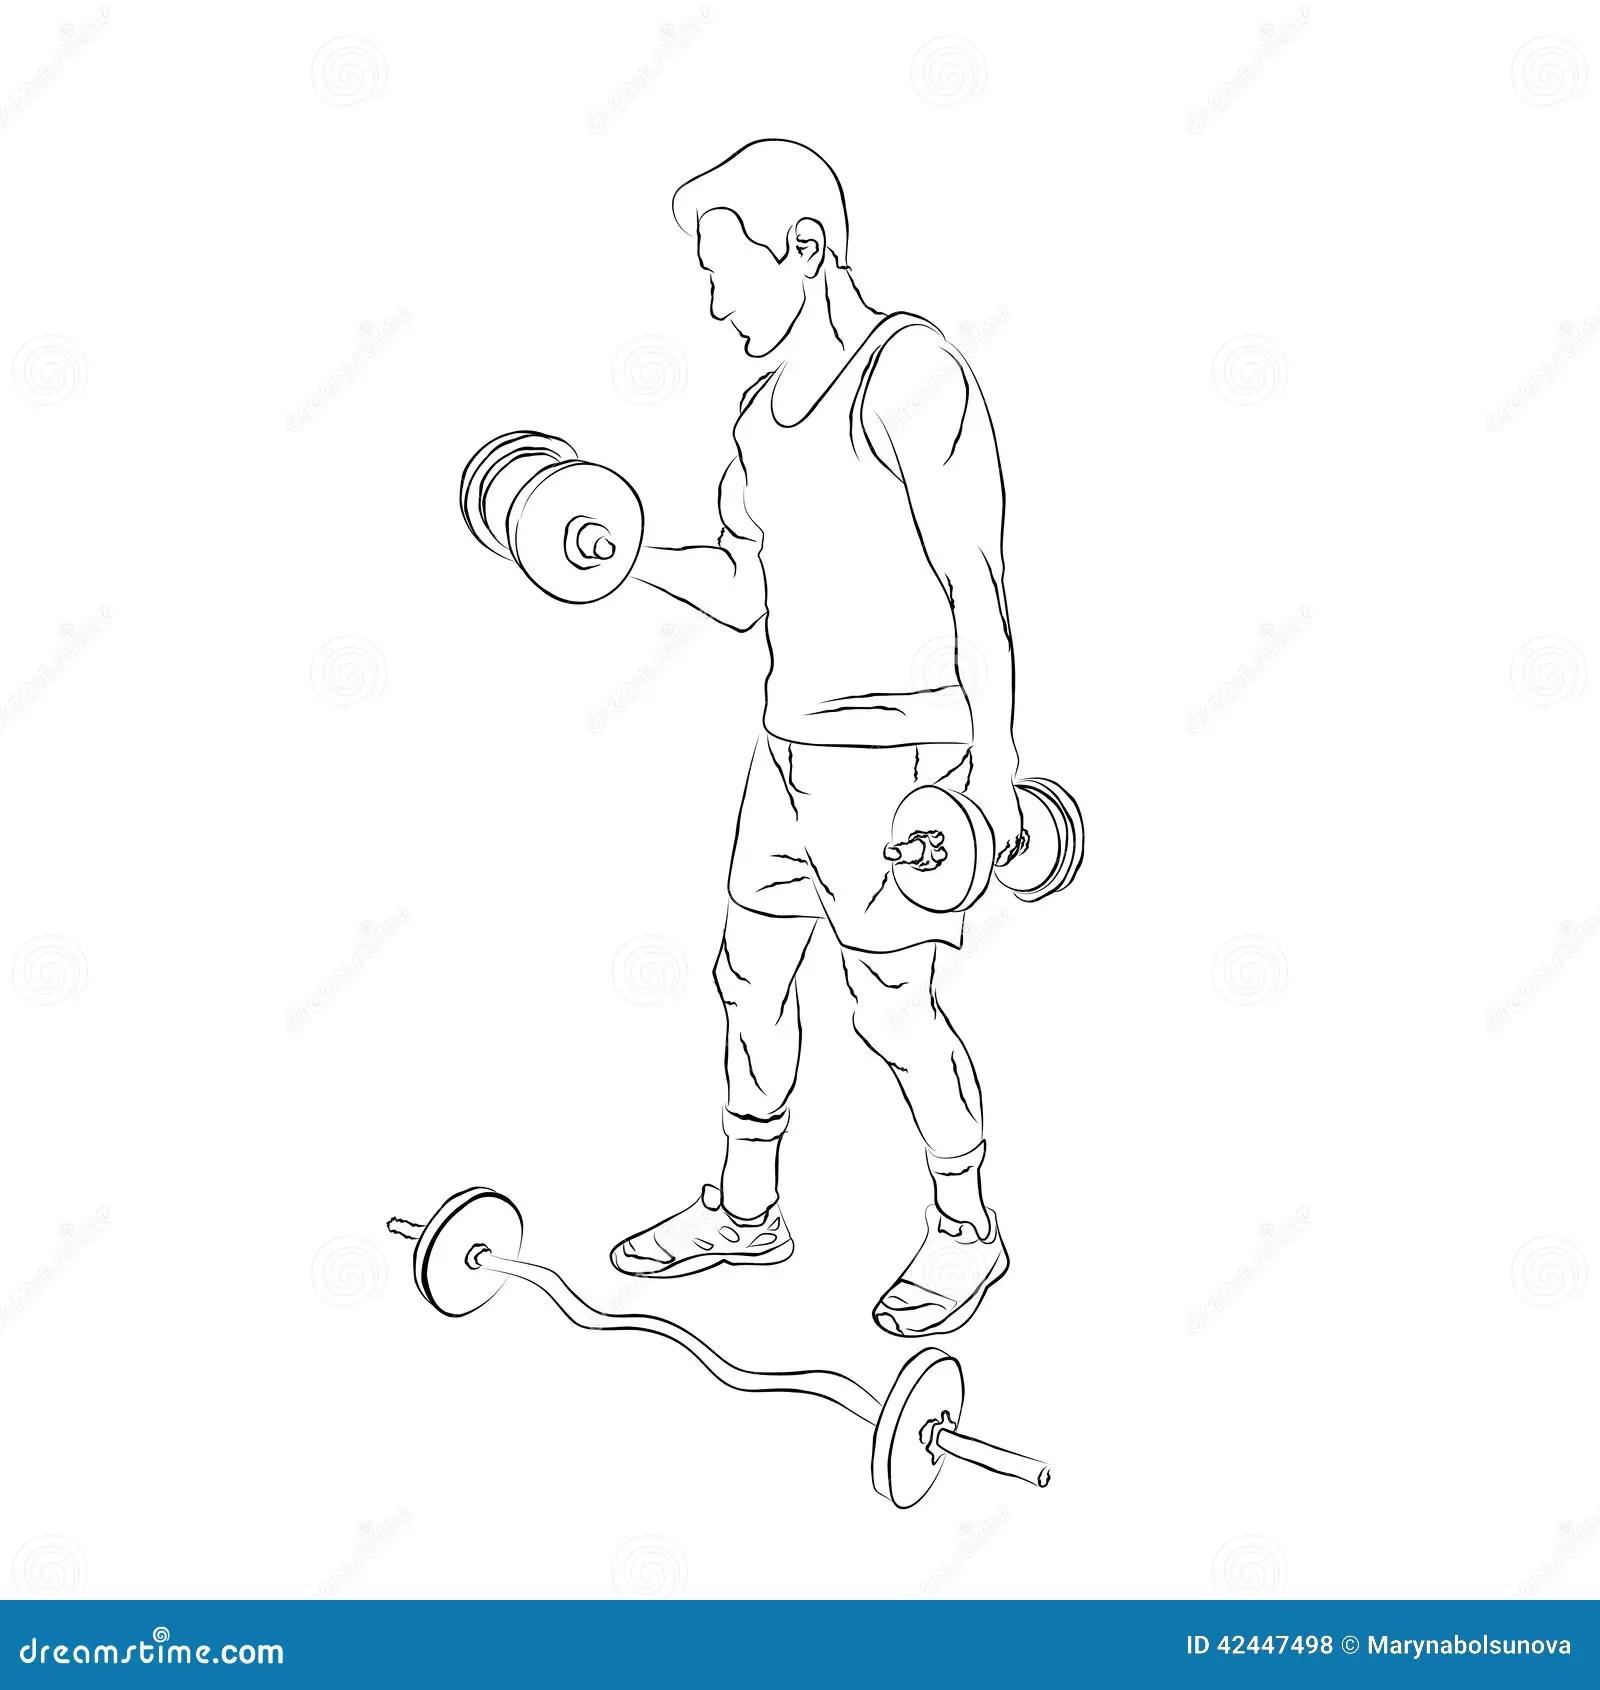 Bodybuilder Raises Muscular Arms Cartoon Vector